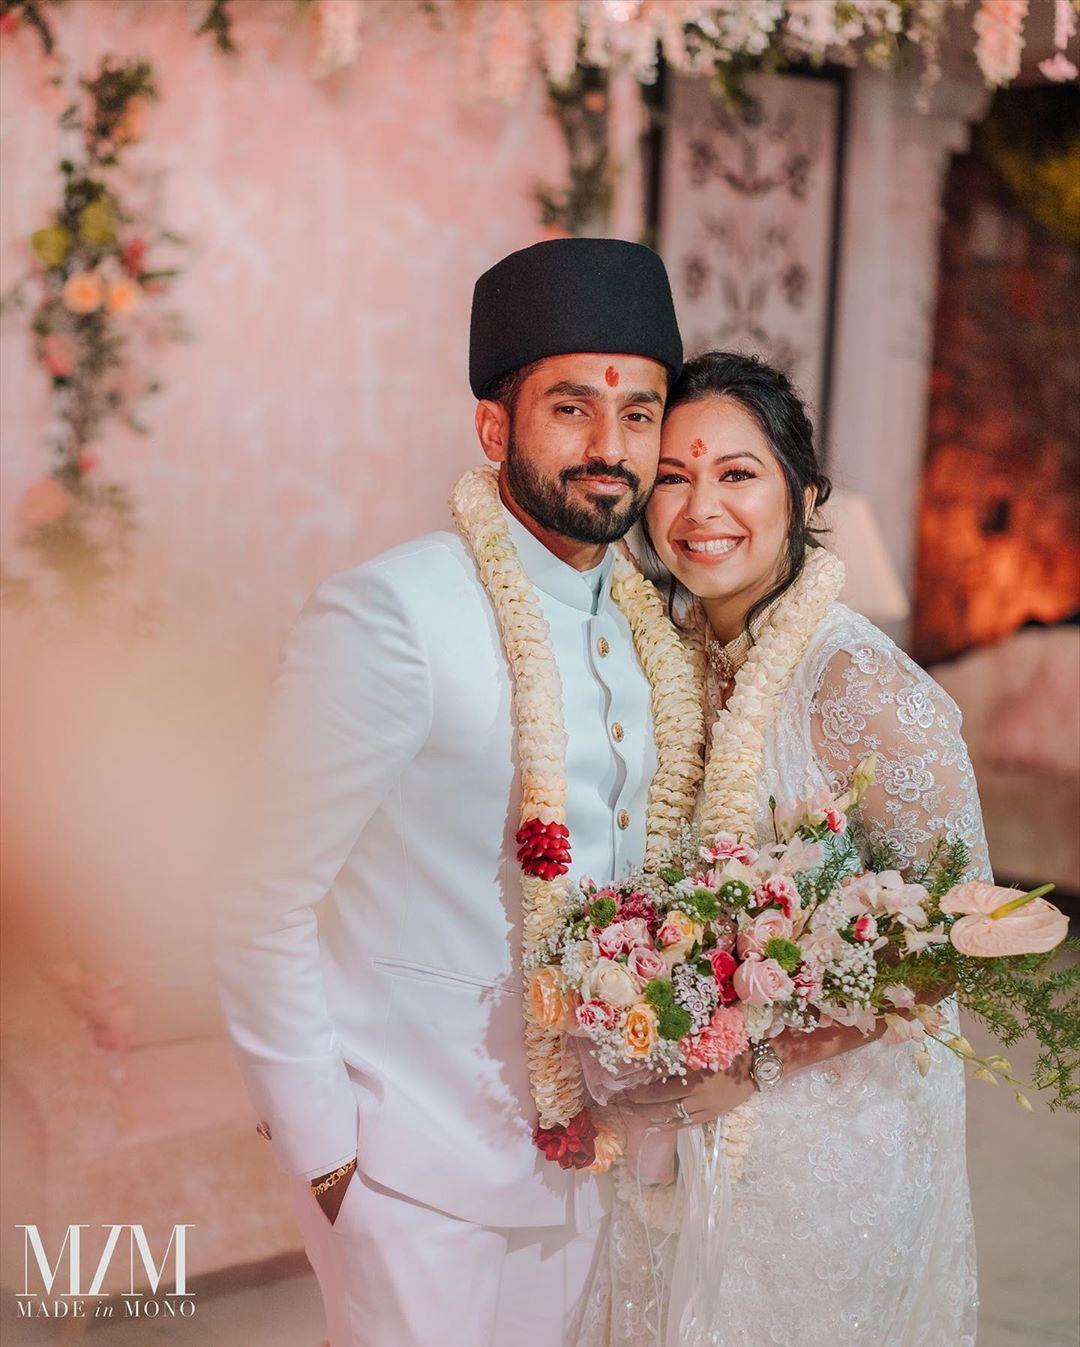 Karun Nair and Sanaya Tankariwala in Tradintional avatar